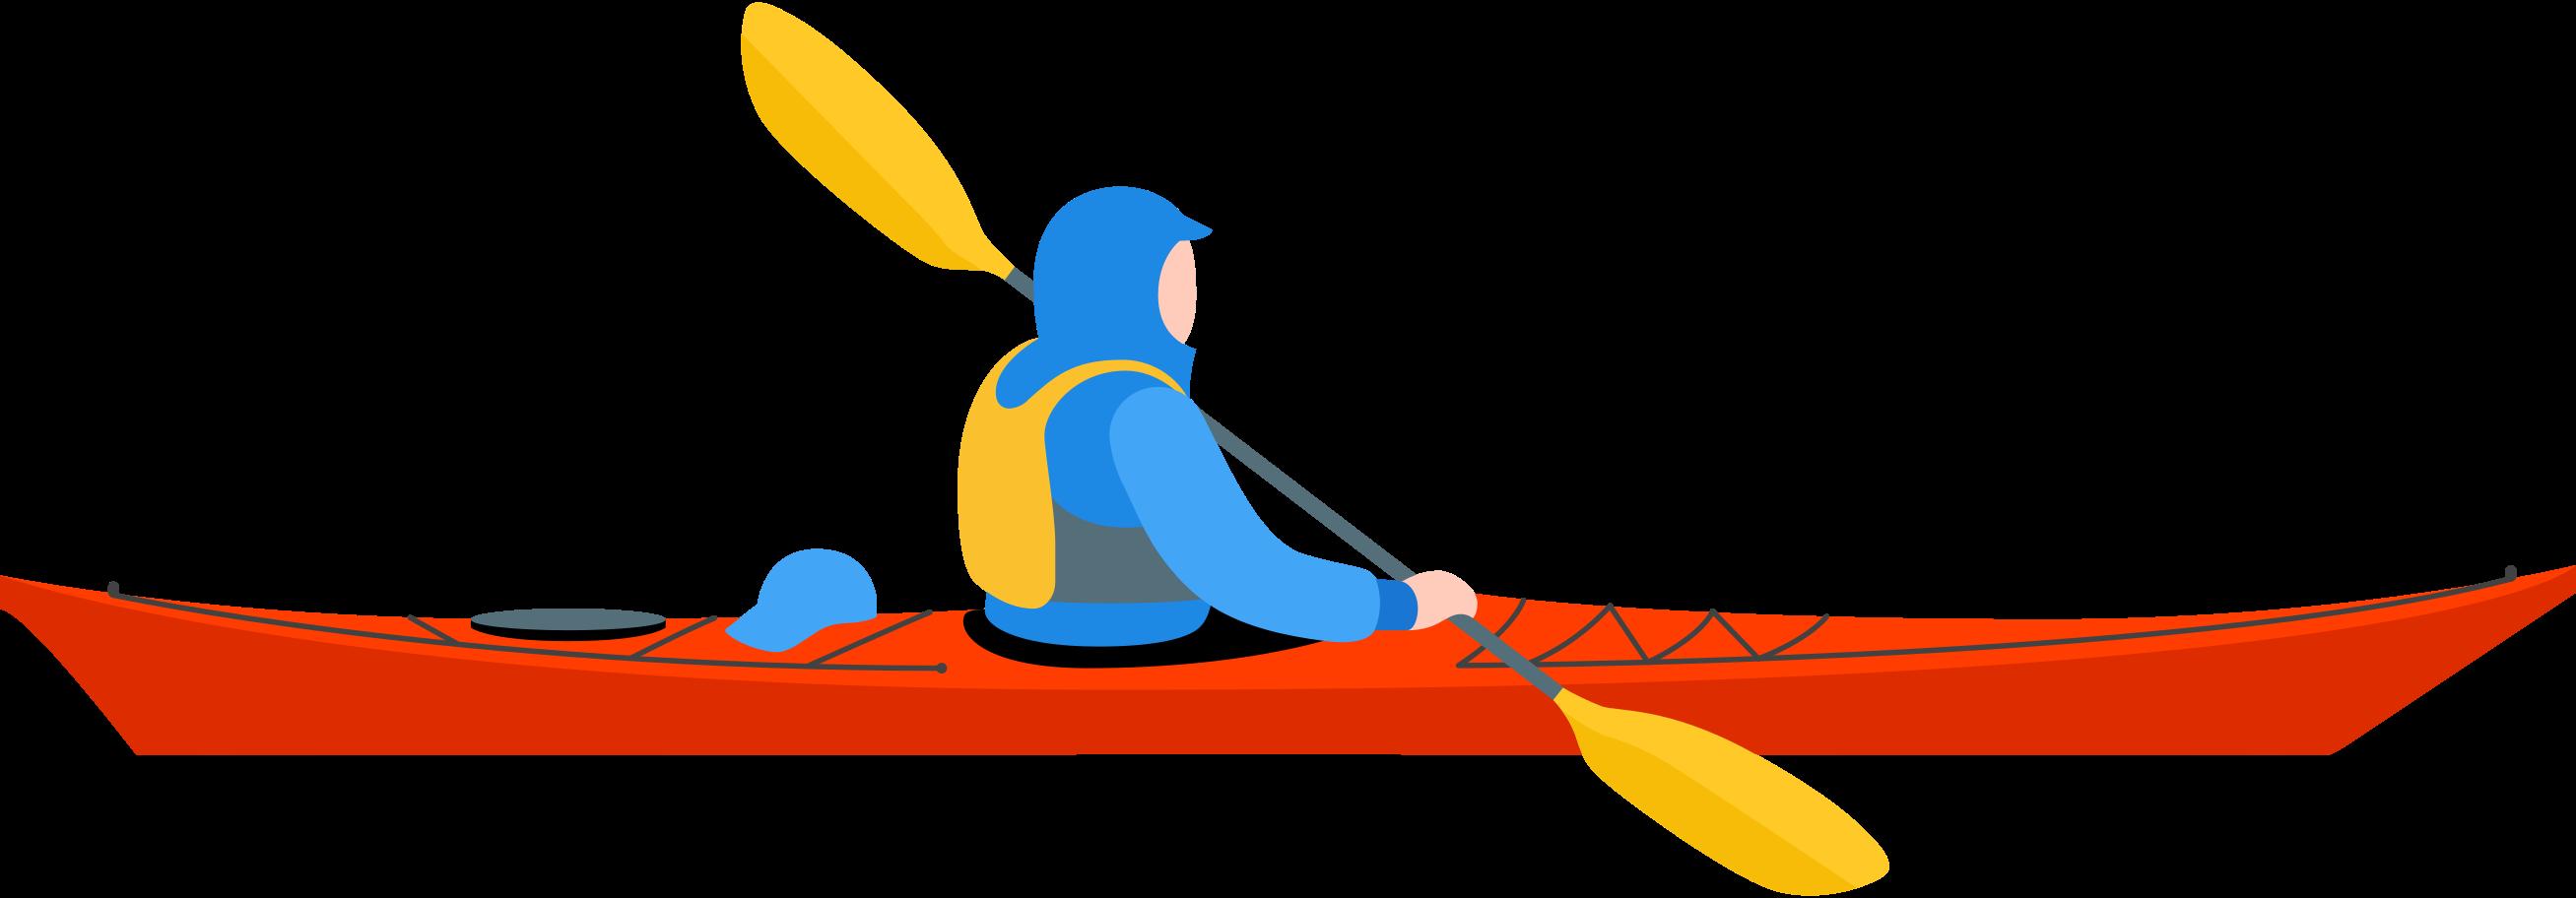 kayaker Clipart illustration in PNG, SVG